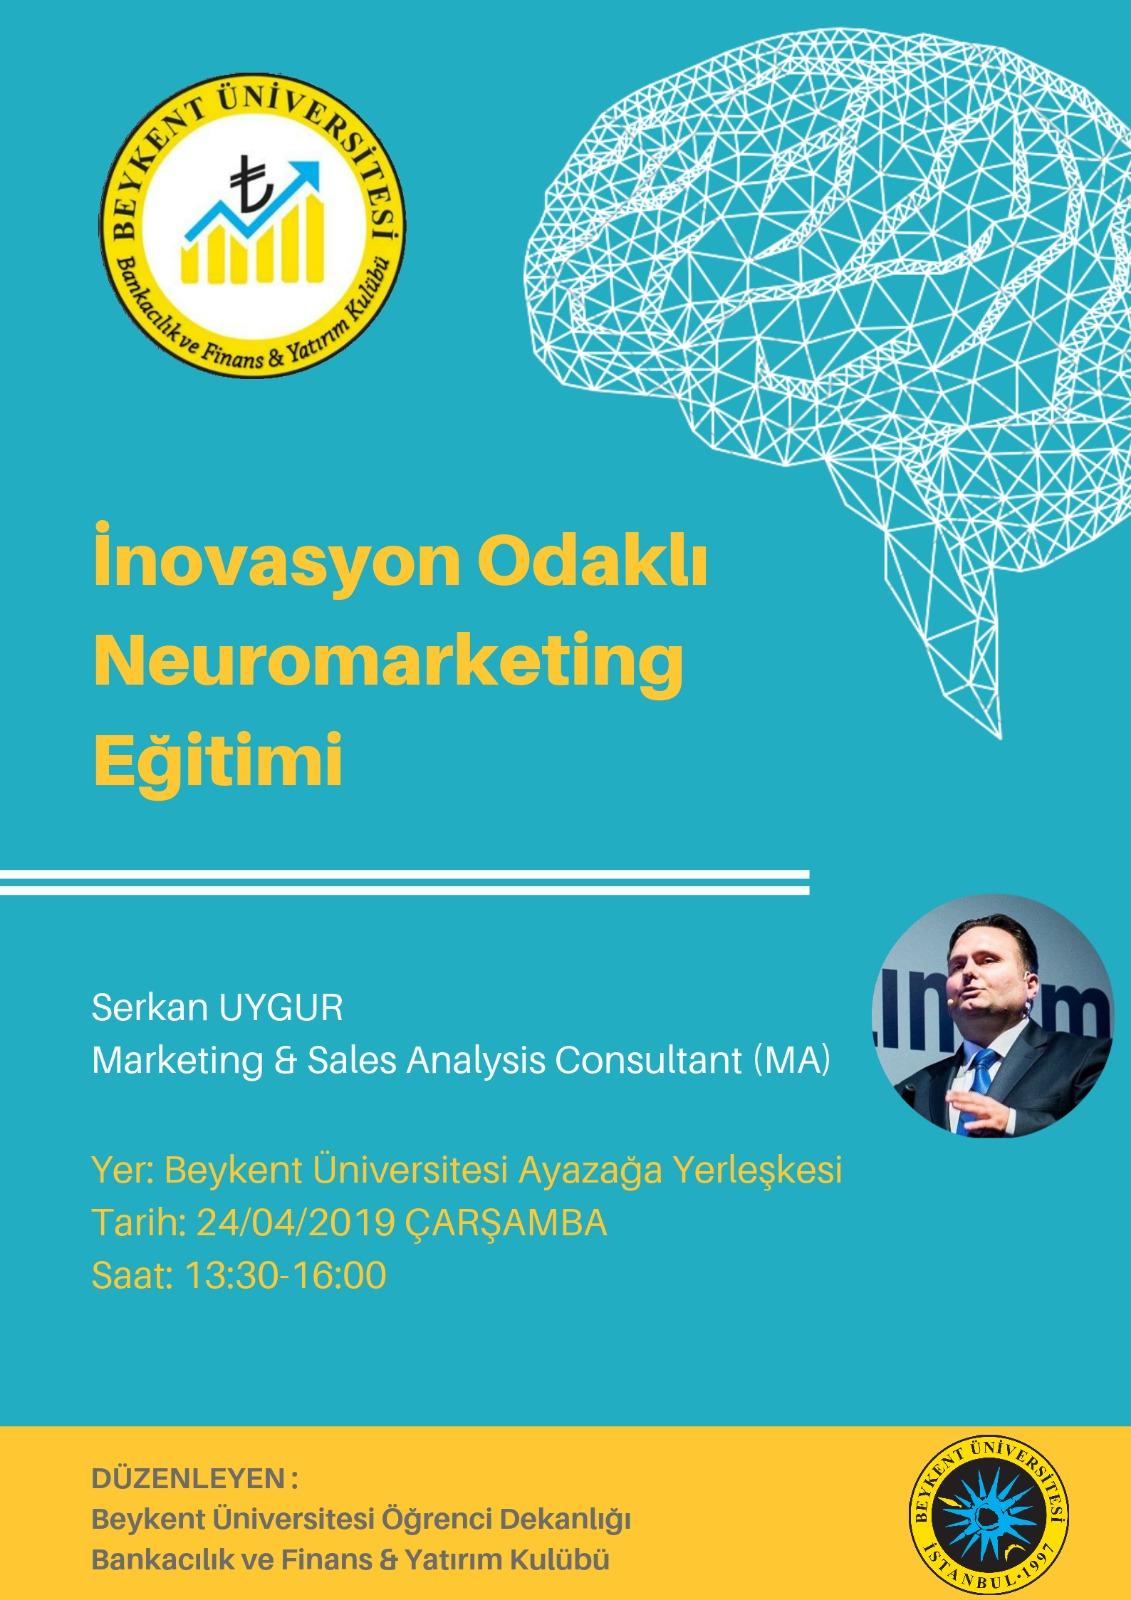 Serkan UYGUR Beykent Üniversitesi Neuromarketing Eğitimi